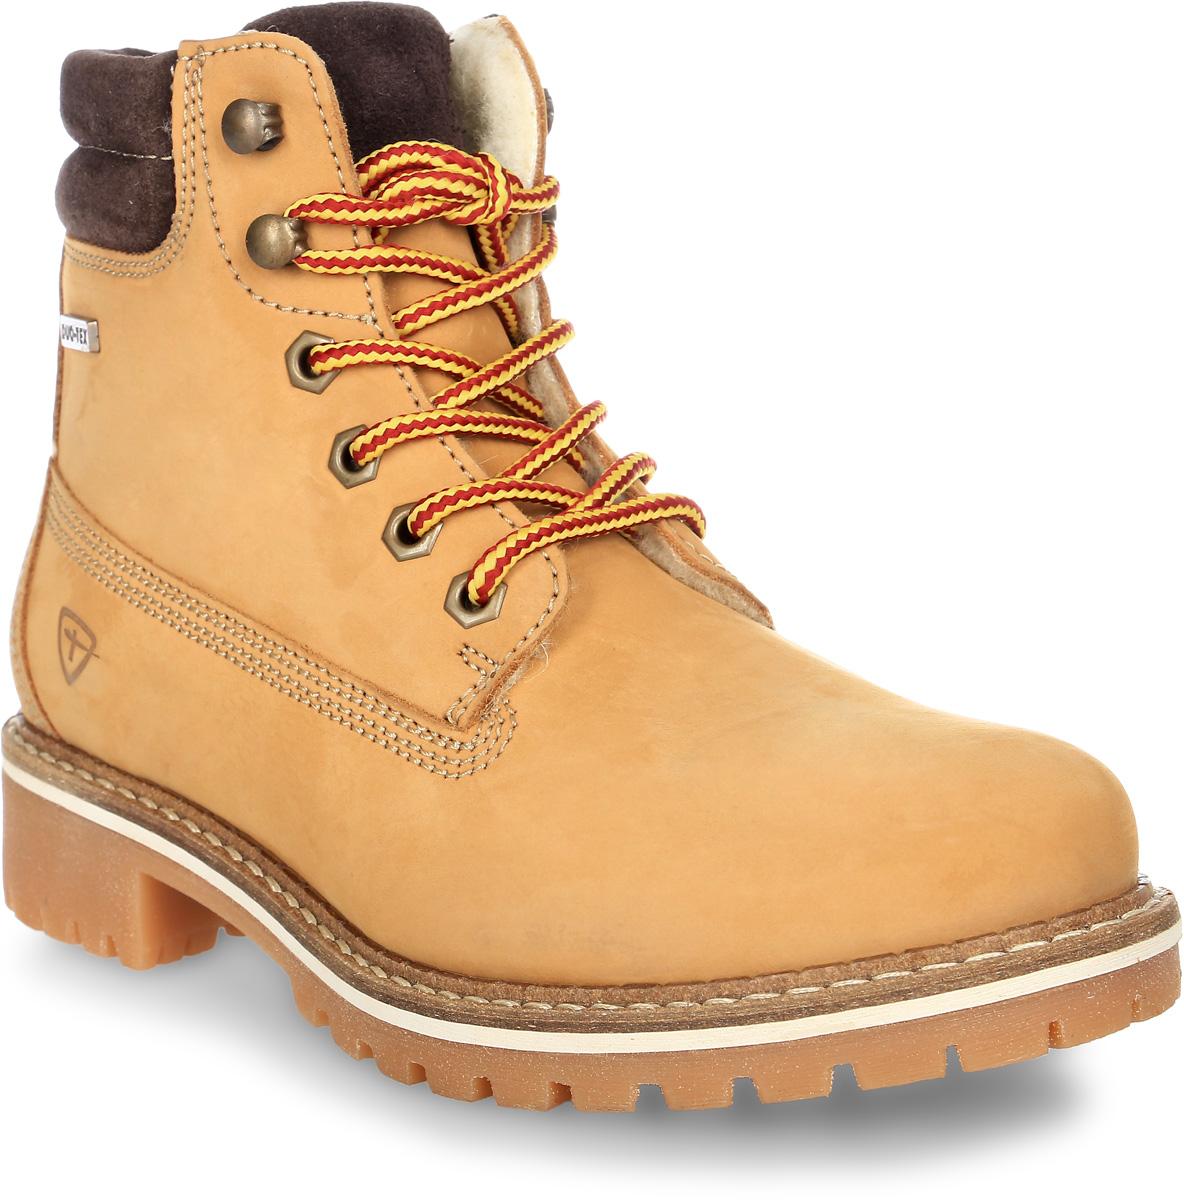 Ботинки женские Tamaris, цвет: желтый. 1-1-26244-29-613/225. Размер 381-1-26244-29-613/225Стильные женские ботинки Tamaris надежно защитят вас от холода. Верх выполнен из натурального нубука. Подкладка и стелька изготовлены из мягкой шерсти, позволяющих сохранить ваши ноги в тепле. Шнуровка надежно фиксирует модель на ноге. Подошва с крупным протектором обеспечивает хорошее сцепление с поверхностью. Такие ботинки отлично подойдут для каждодневного использования и подчеркнут ваш стиль и индивидуальность.